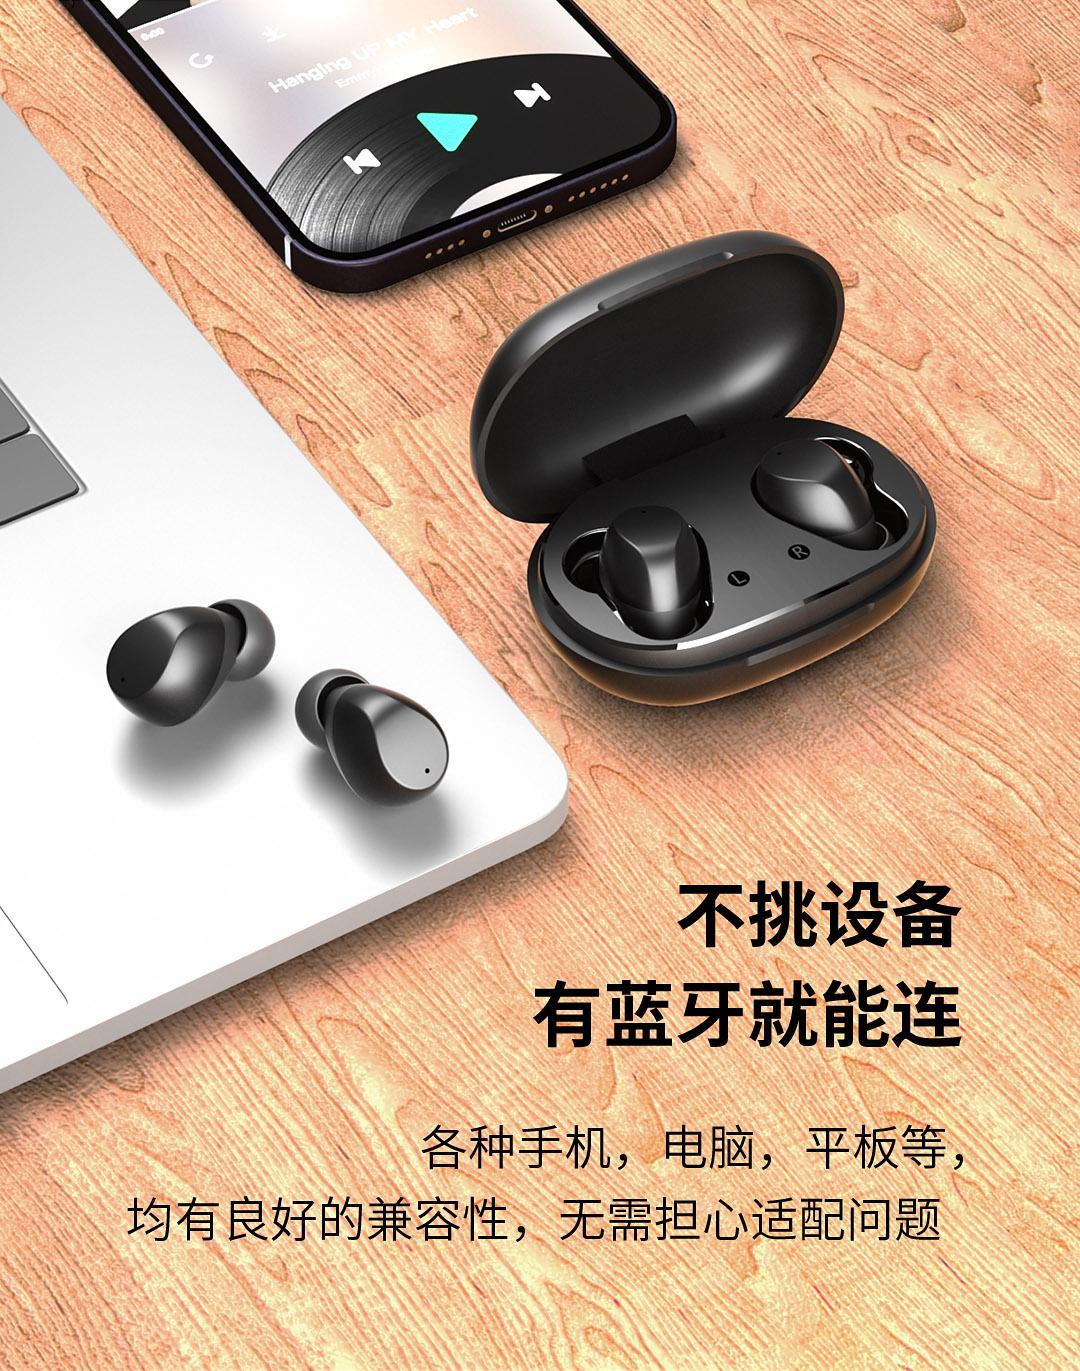 联想 TC02 智能触控 5.1蓝牙耳机 支持单双耳 图5